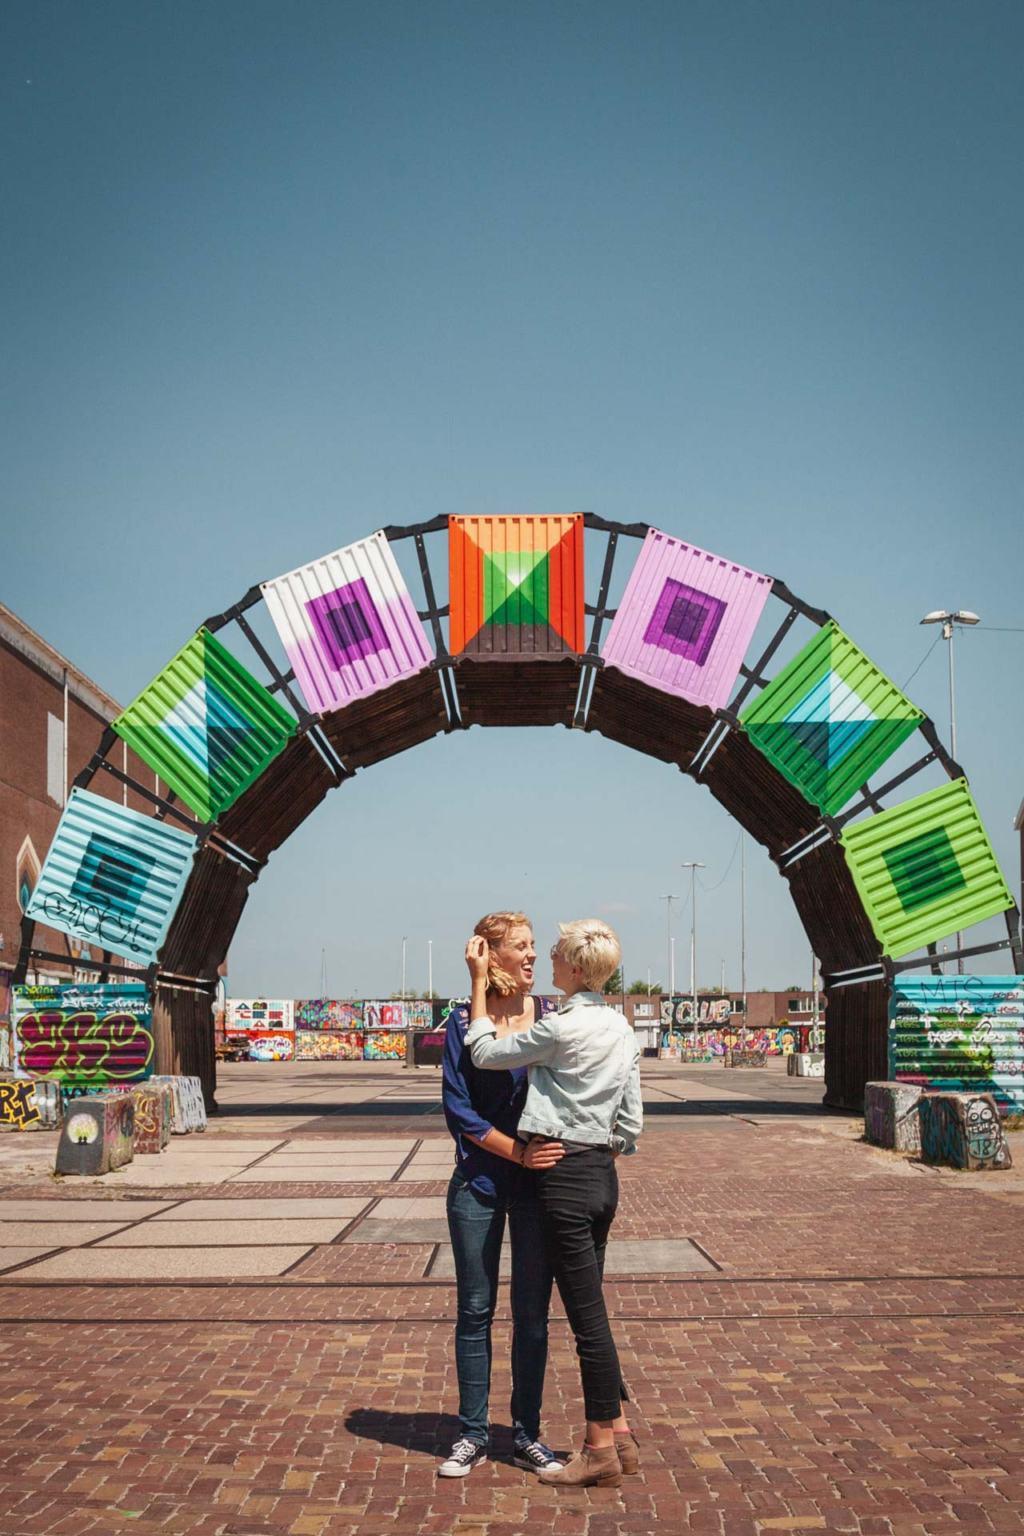 NDSM werf, industrial Amsterdam Noord